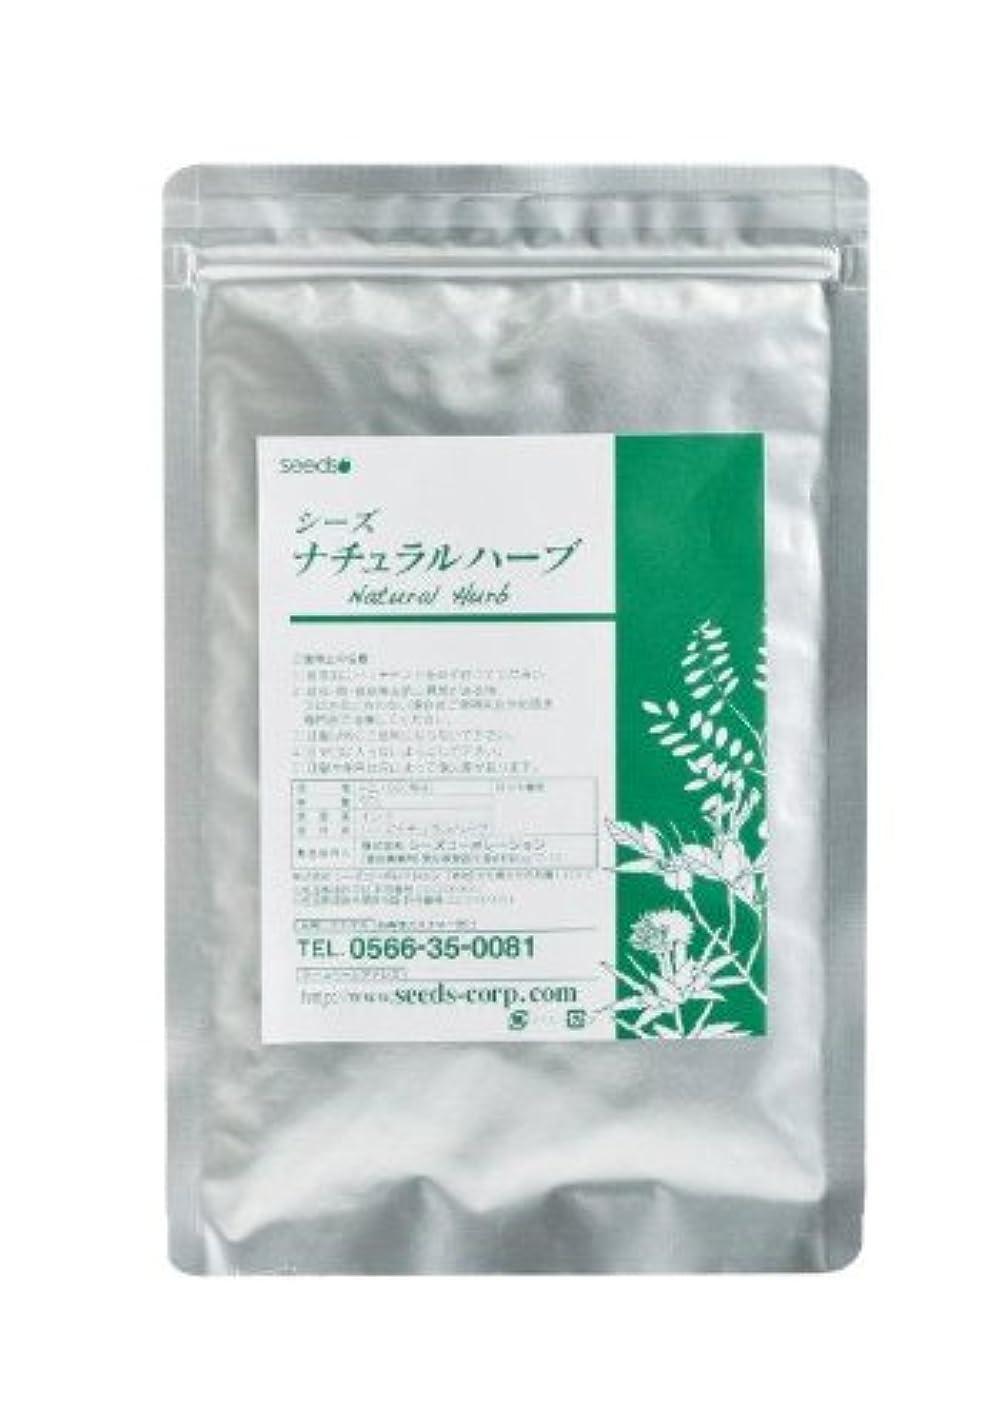 フルーティー寝具外交官Seeds ナチュラルハーブカラー ダークブラウン 50g (茶褐色系)ヘナと5種類の高級ハーブをブレンドした白髪染めです。